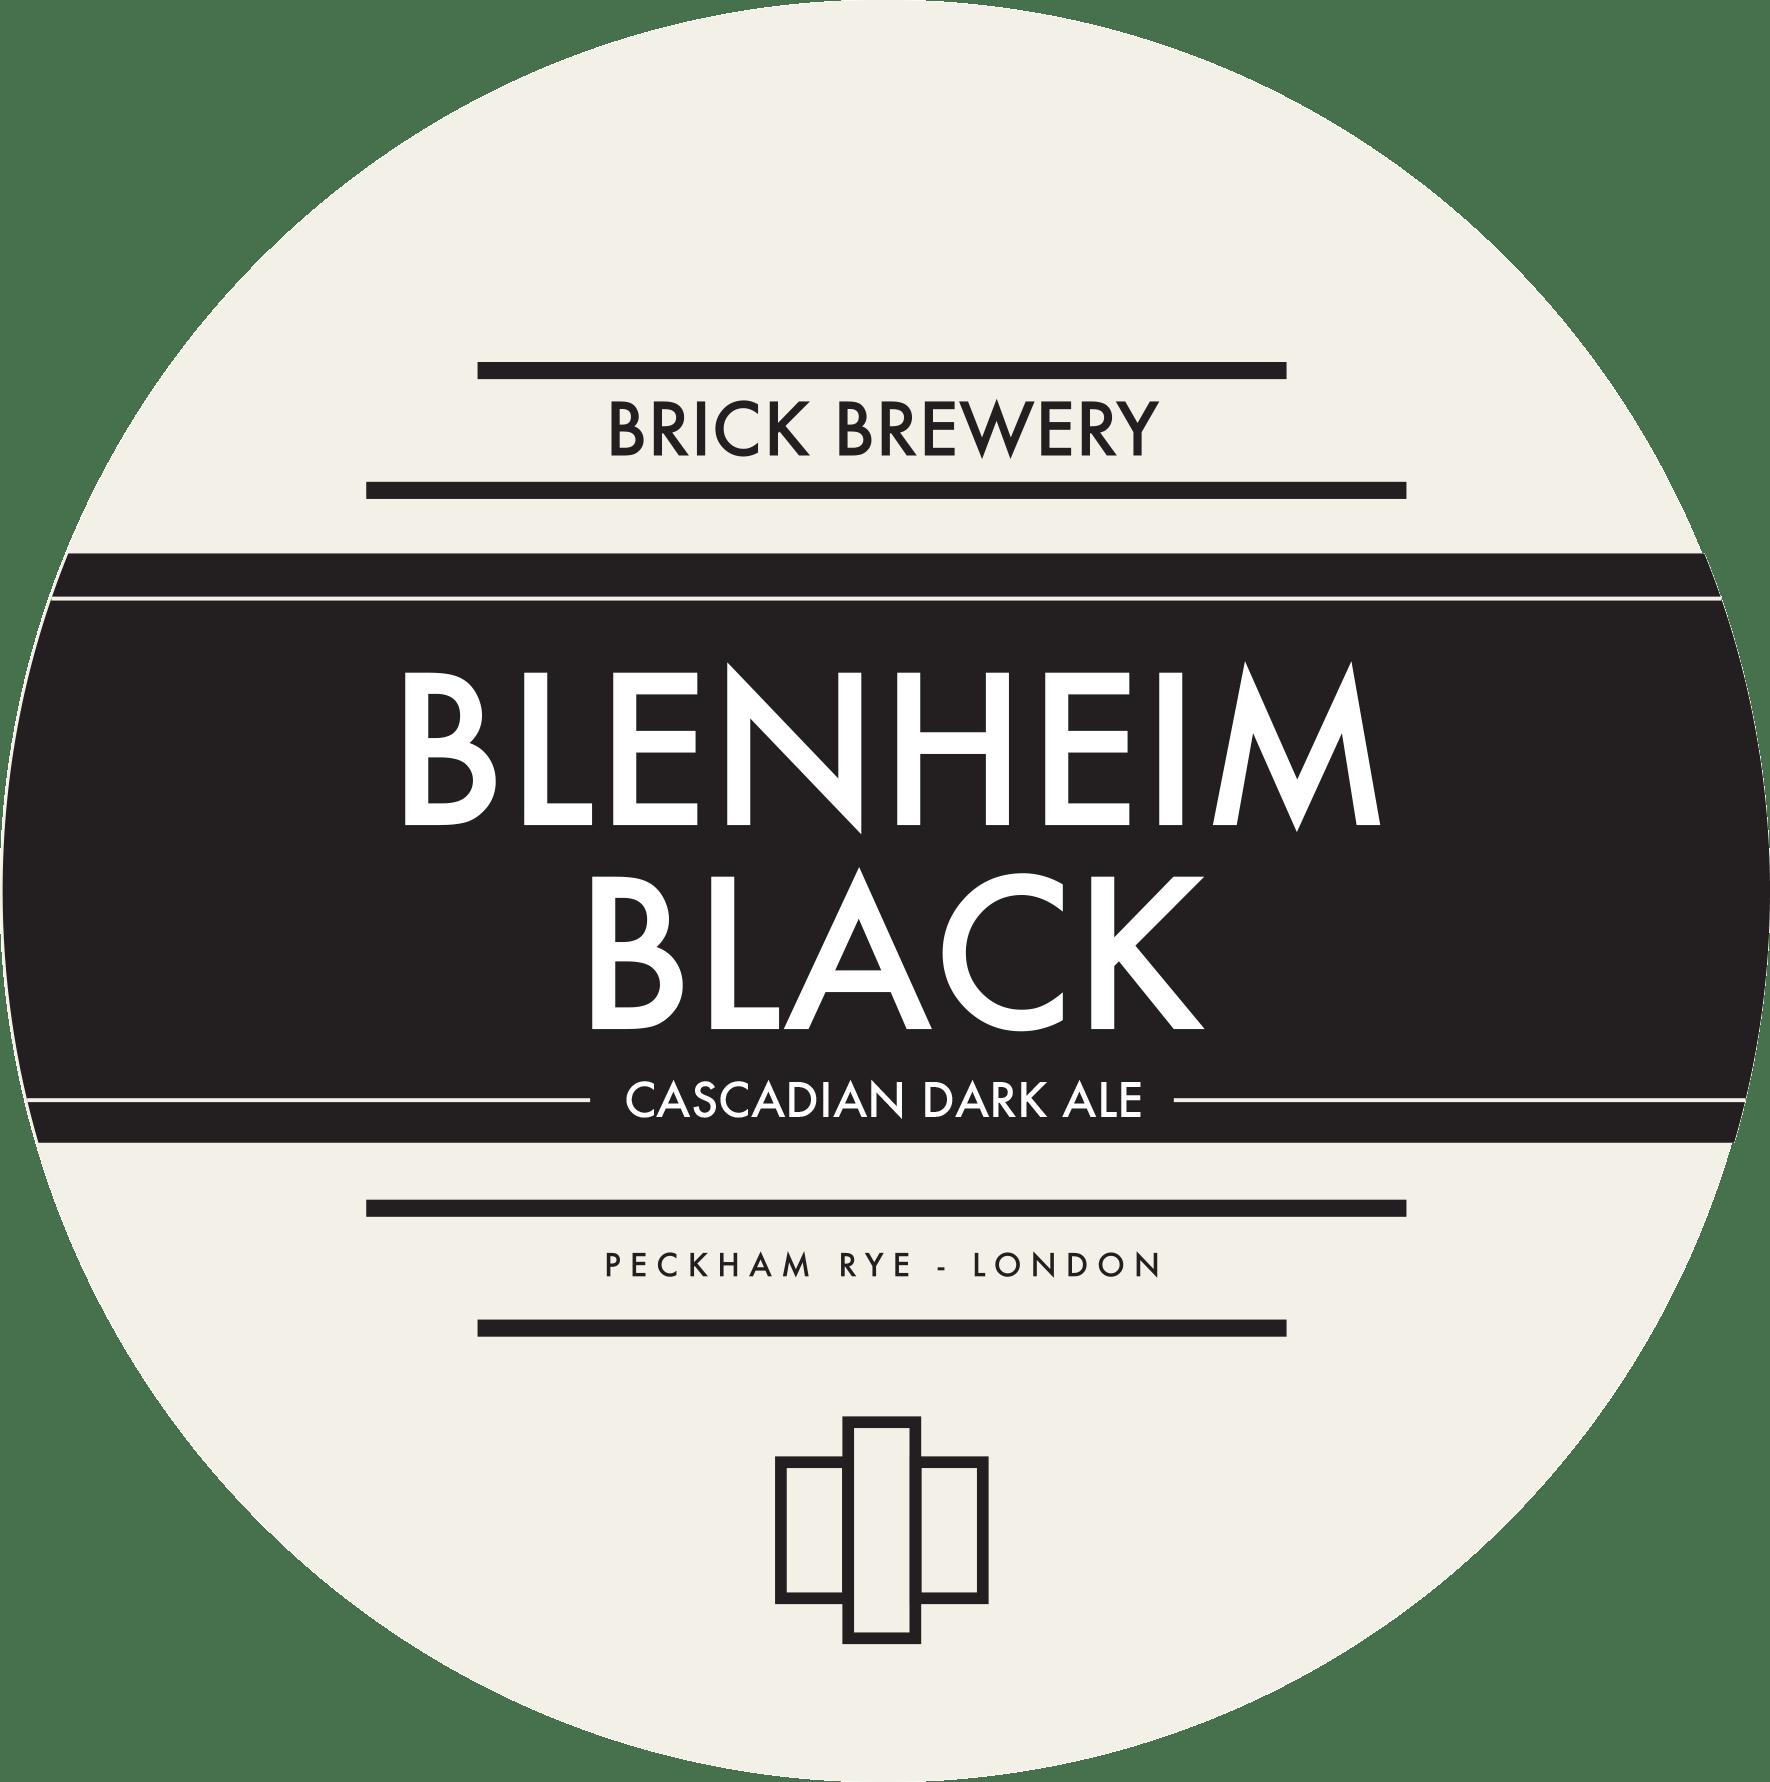 Brick Brewery's Blenheim Black Beer Logo